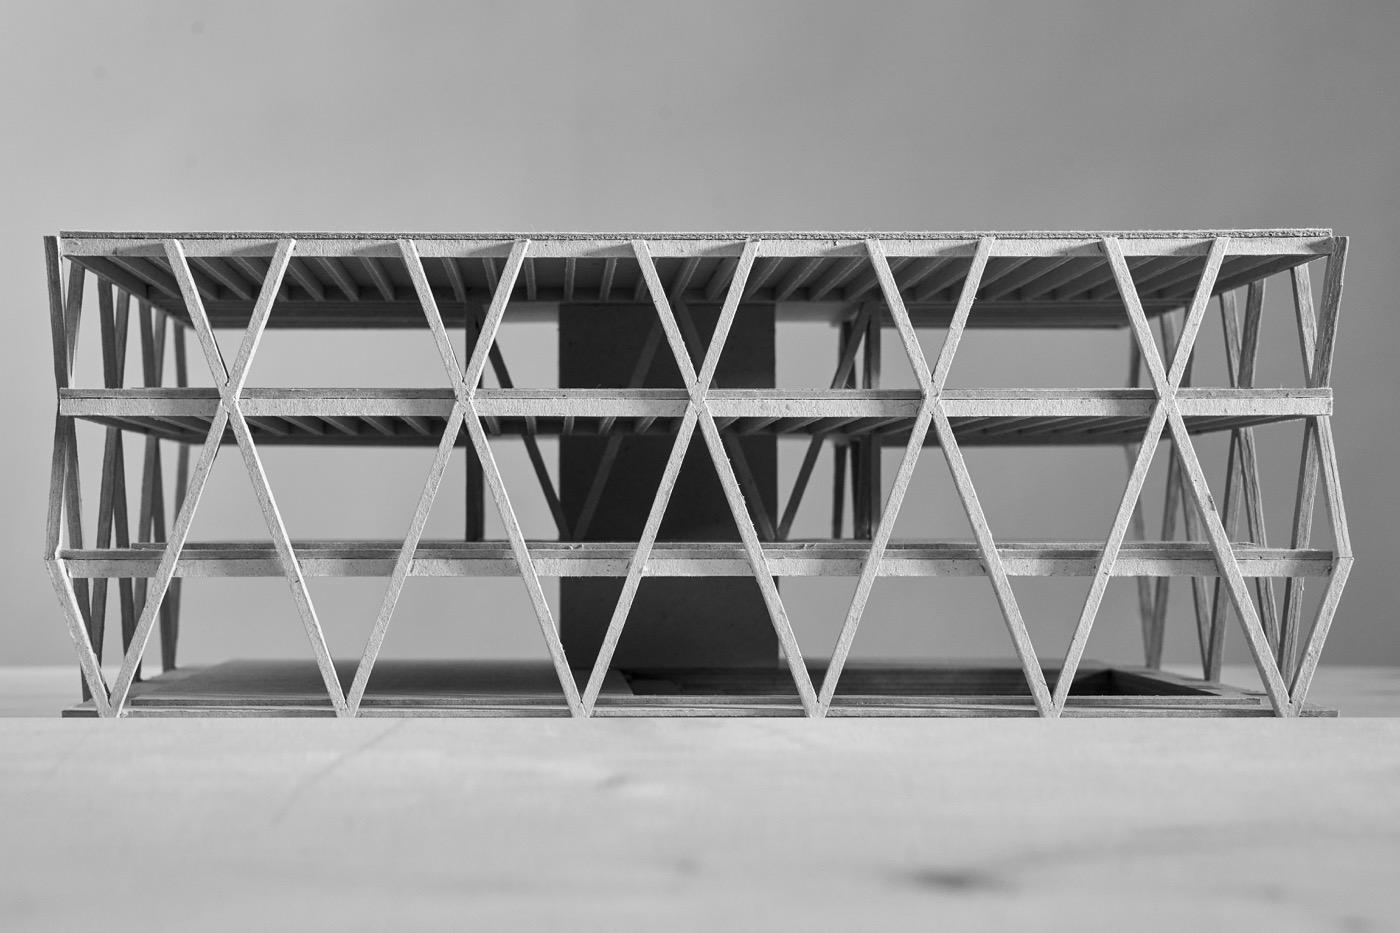 buan-architekten-ersatzneubau schulhaus zentrum-diessenhofen-strukturmodell-1